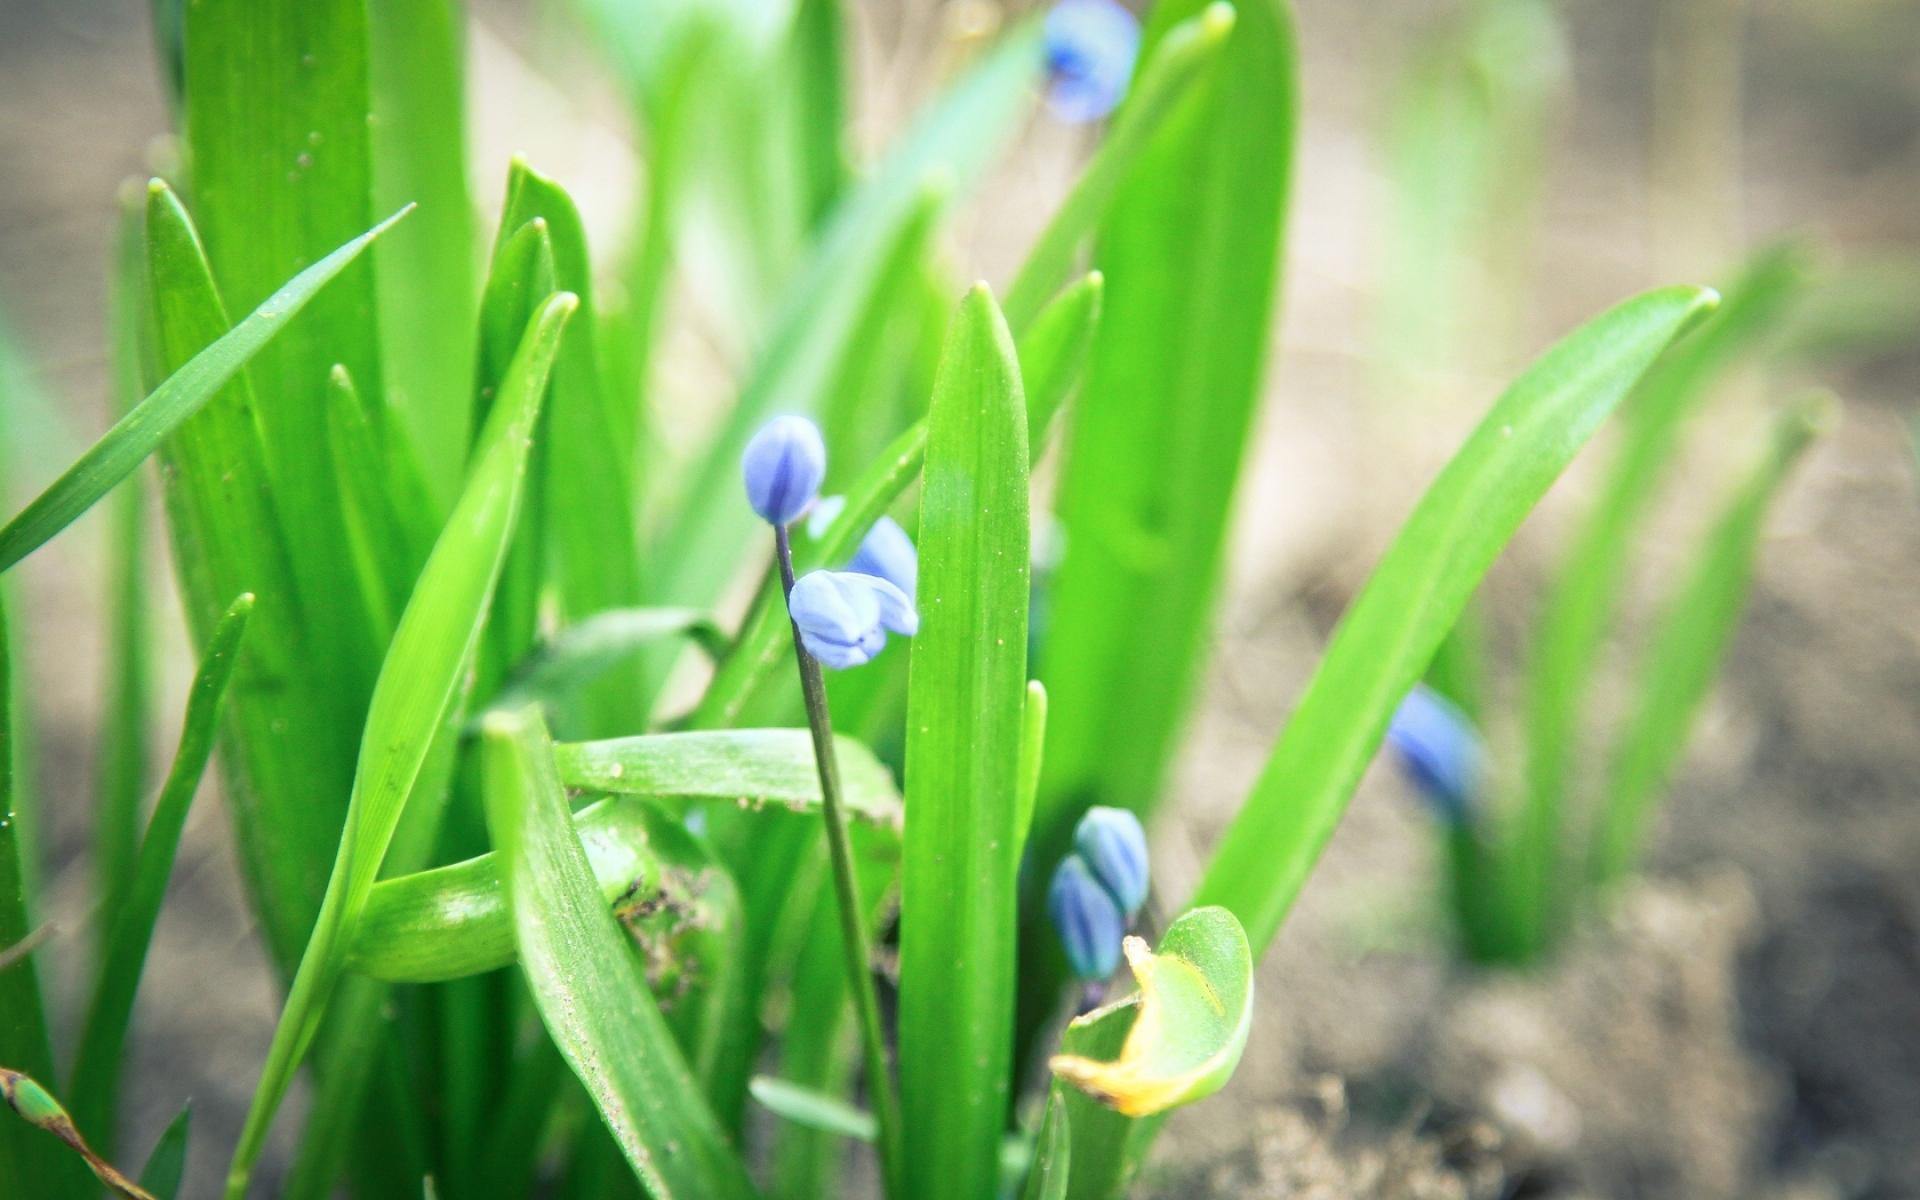 Картинки Цветы, трава, весна фото и обои на рабочий стол